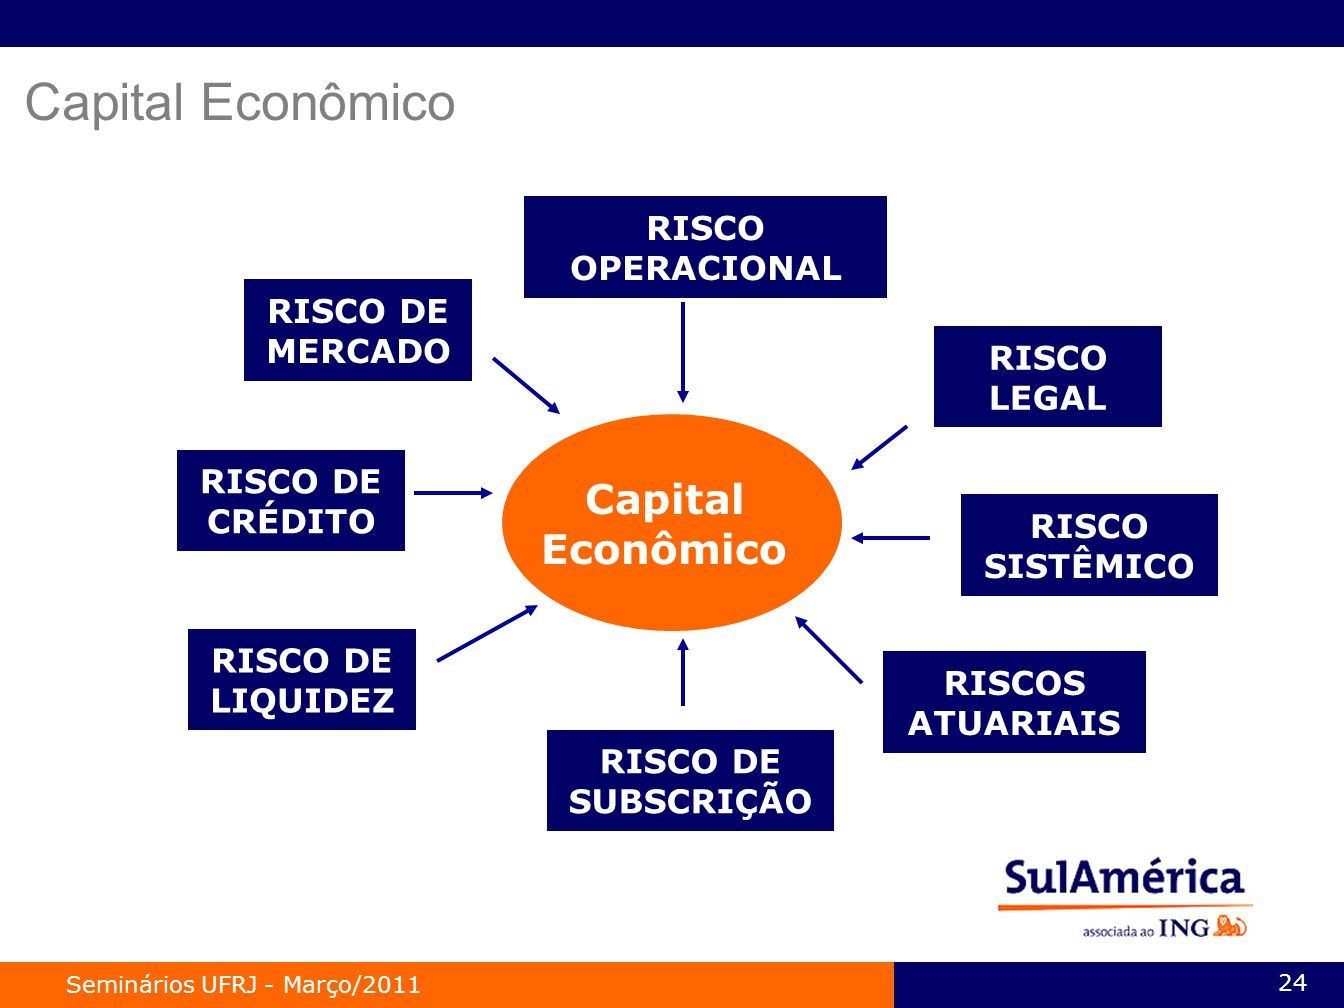 Seminários UFRJ - Março/2011 24 Capital Econômico RISCO DE CRÉDITO RISCO DE LIQUIDEZ RISCO DE SUBSCRIÇÃO RISCOS ATUARIAIS RISCO SISTÊMICO RISCO OPERACIONAL RISCO LEGAL RISCO DE MERCADO Capital Econômico